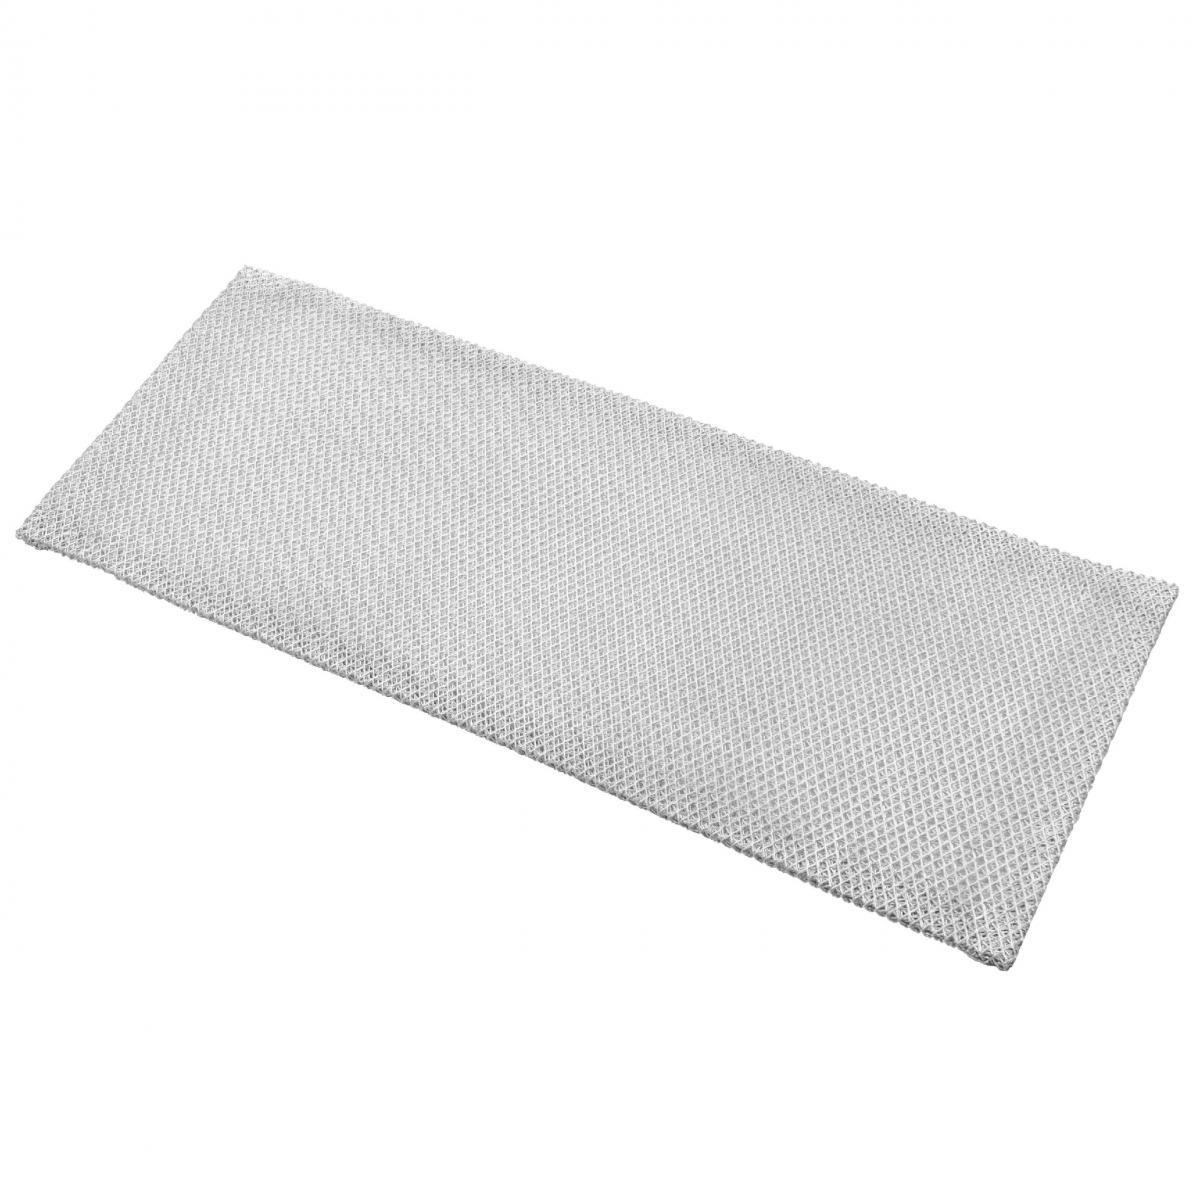 Vhbw vhbw Filtrepermanent filtre à graisse métallique 36,8 x 14,7 x 0,45 cm remplacement pour Bauknecht 481948048257 hottes d